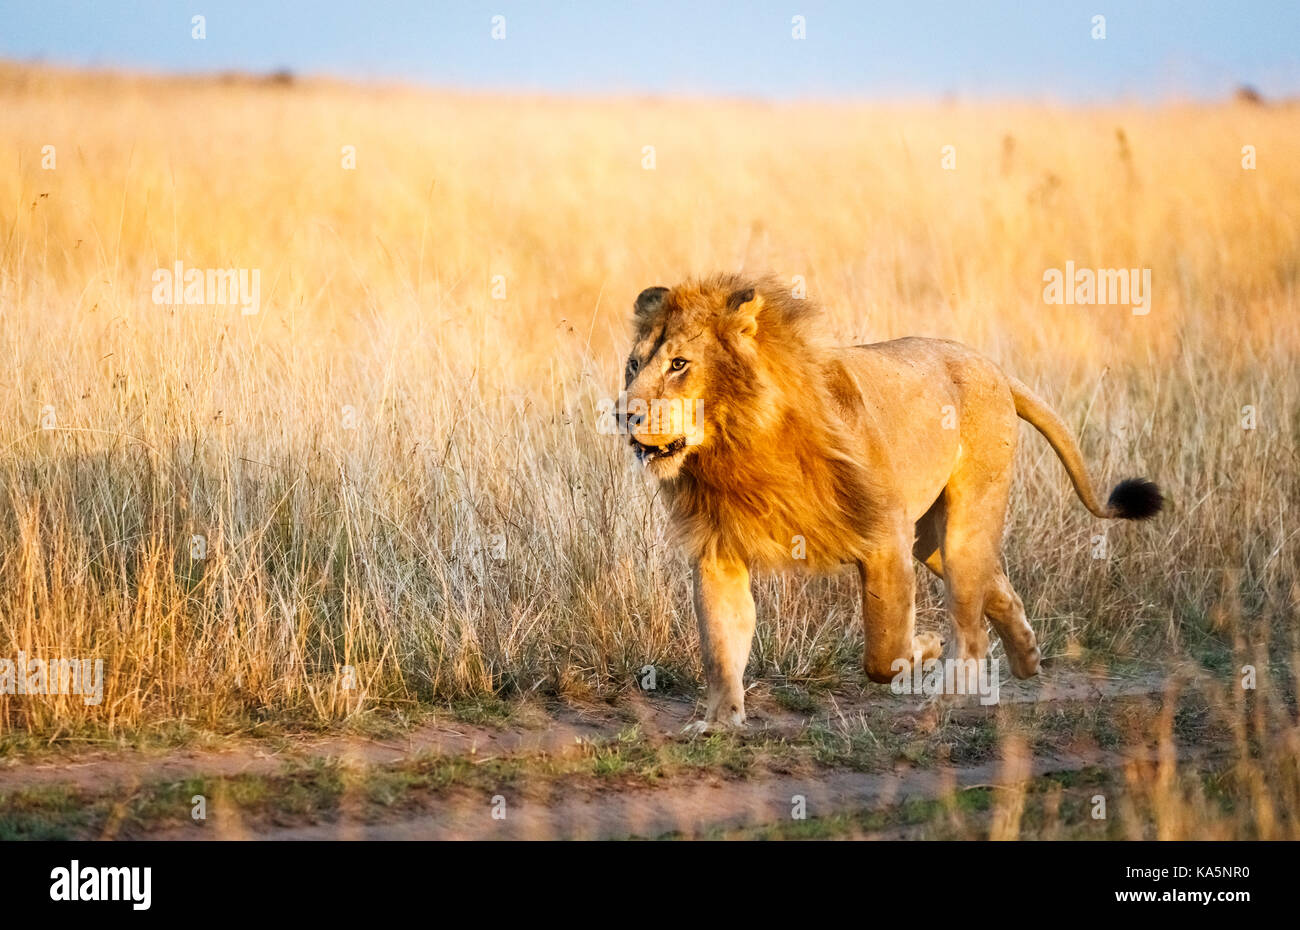 Auf der Suche nach männlichen Mara Löwe (Panthera leo) bricht in einem Durchlauf ein Rivale in der Savanne Stockbild